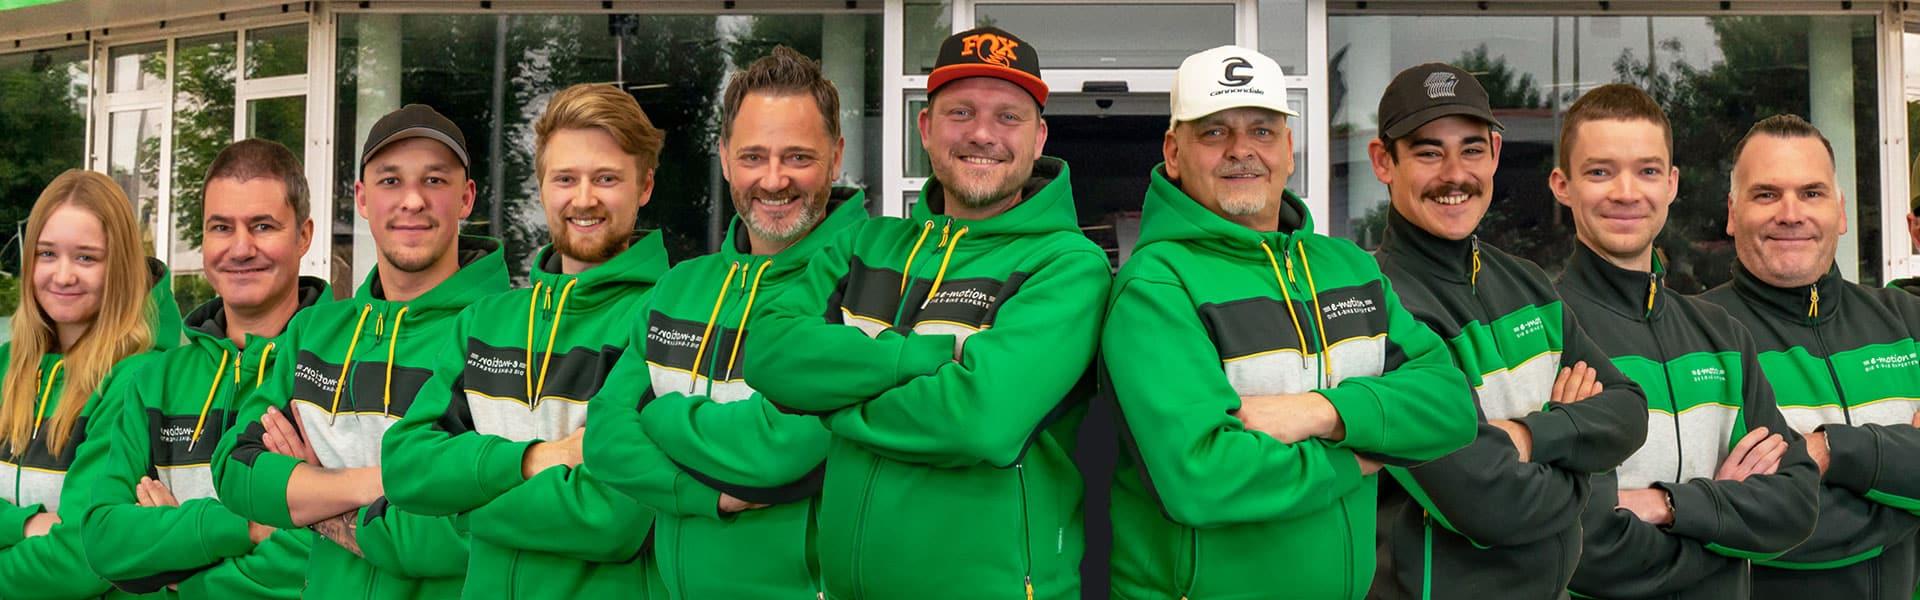 Das Team der e-motion e-Bike Welt Erfurt